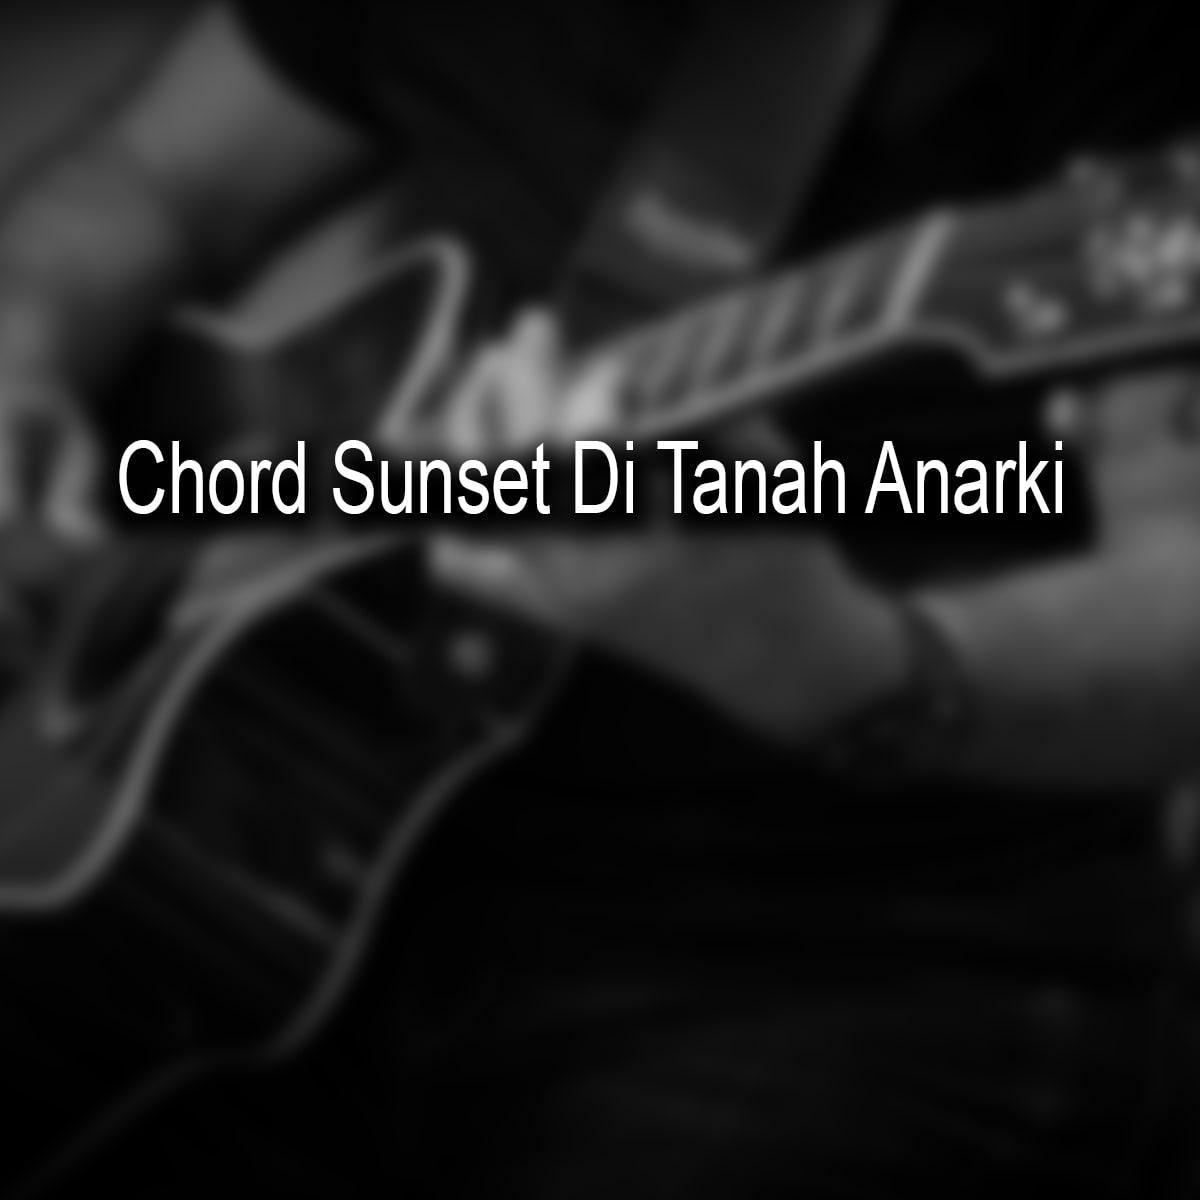 Chord Sunset Di Tanah Anarki - SID